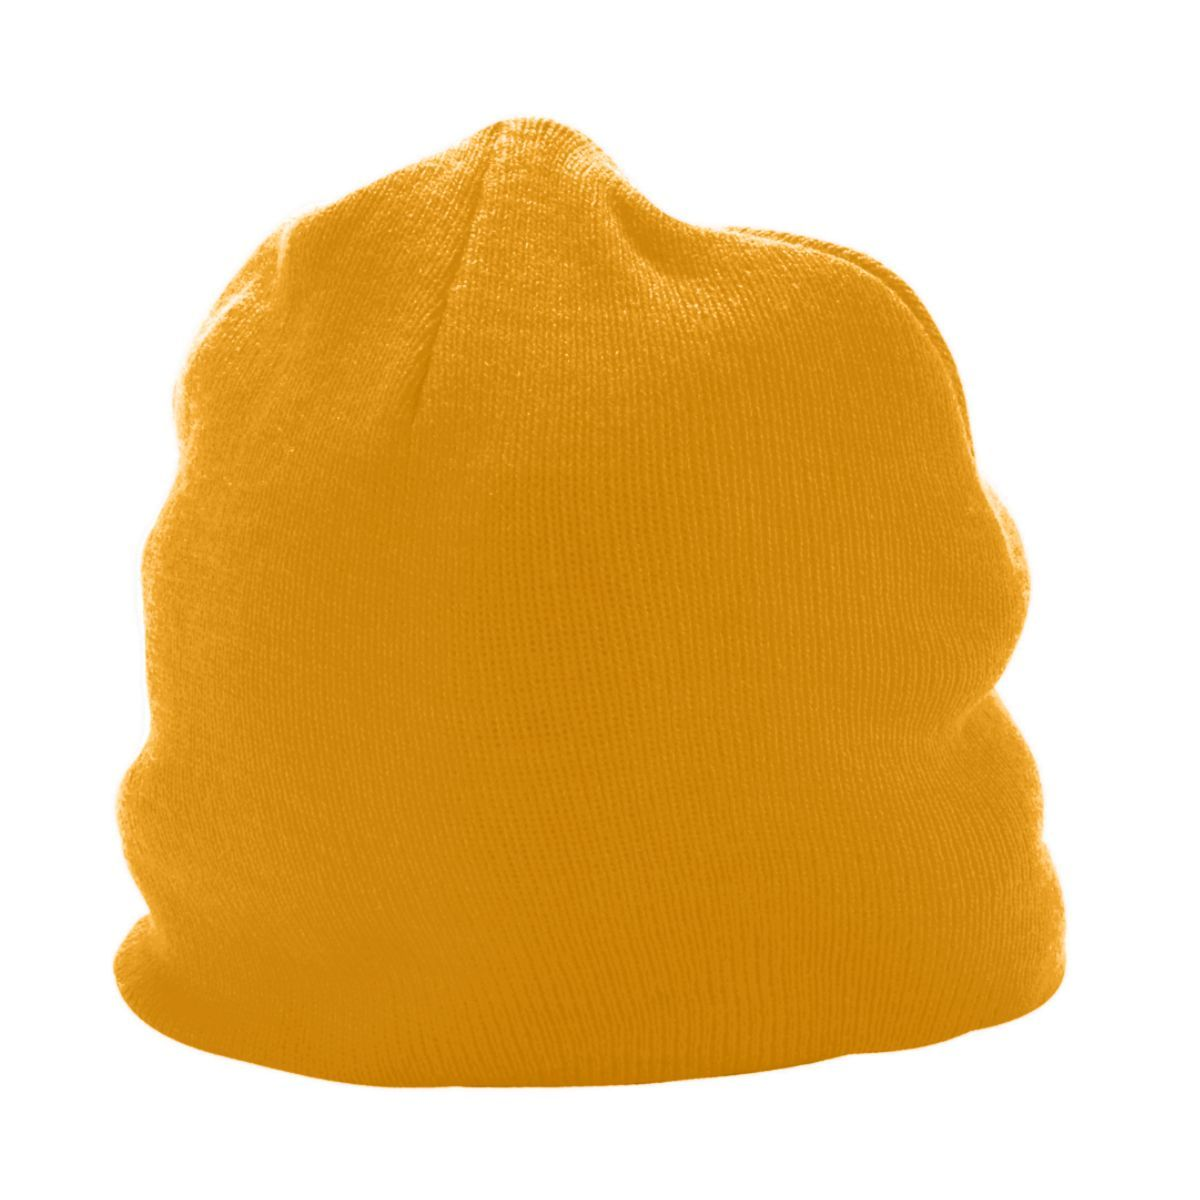 Knit Beanie - GOLD